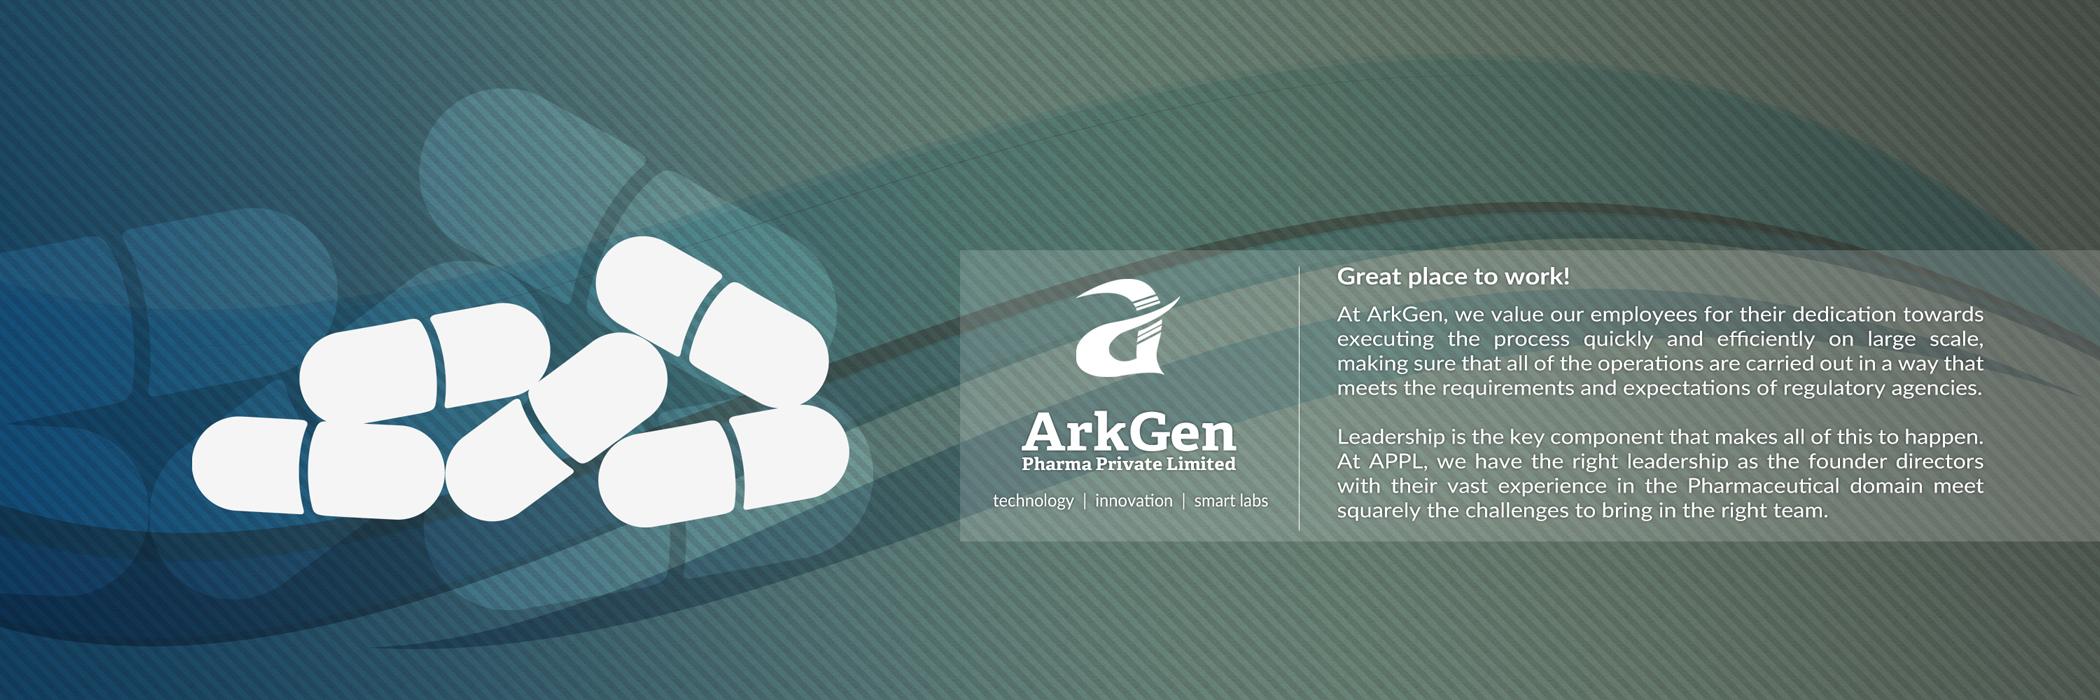 ArkGen-Pharma2